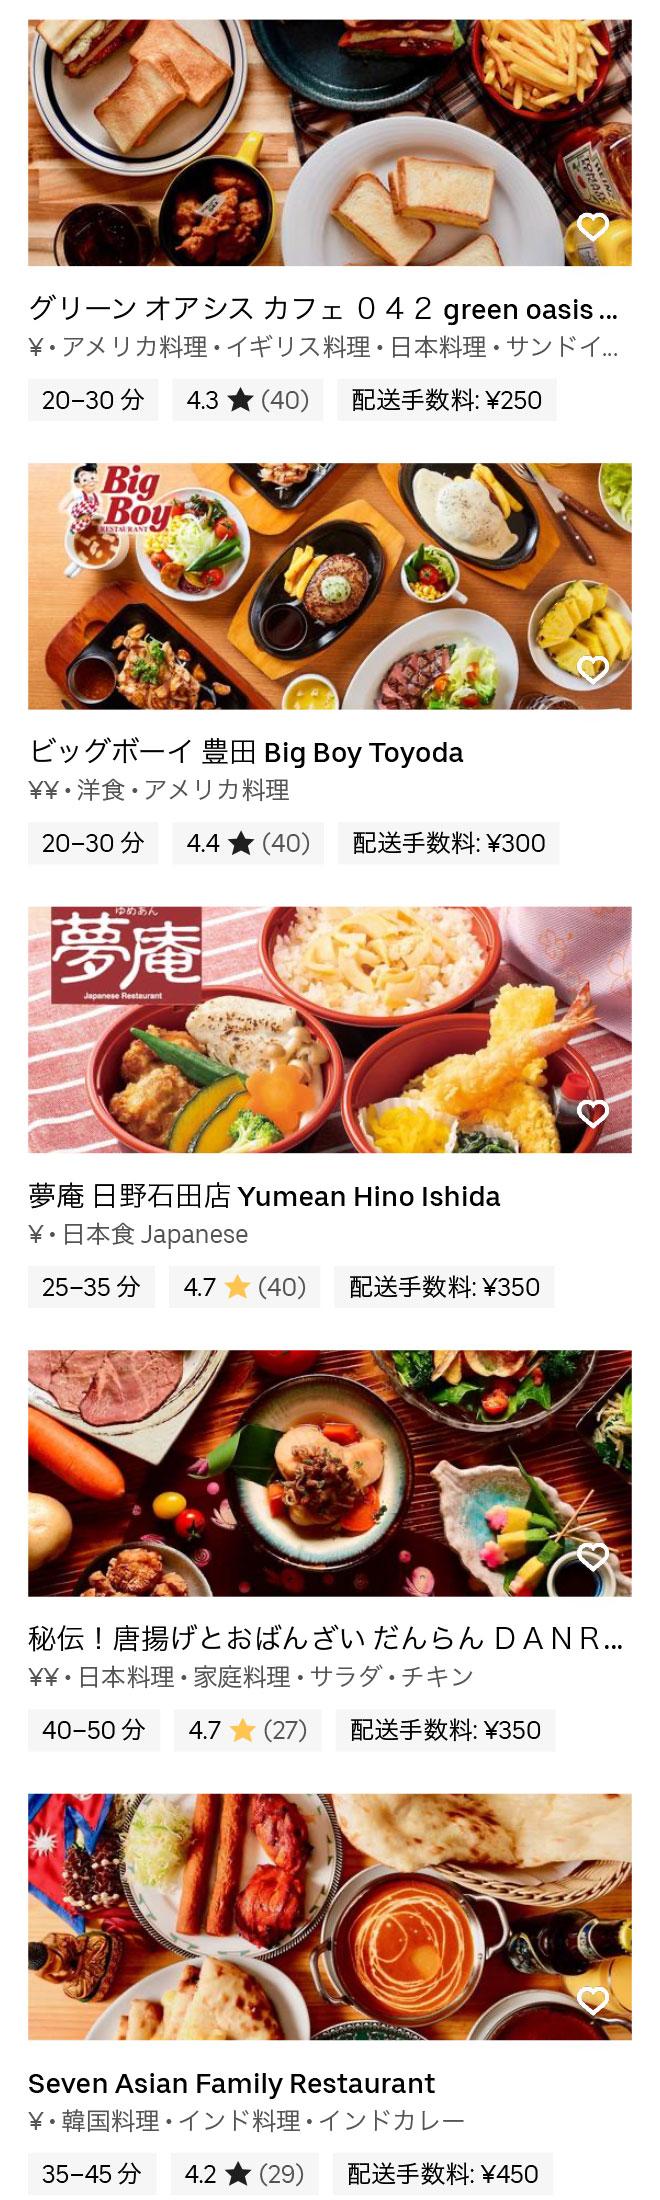 Tokyo hino menu 200405